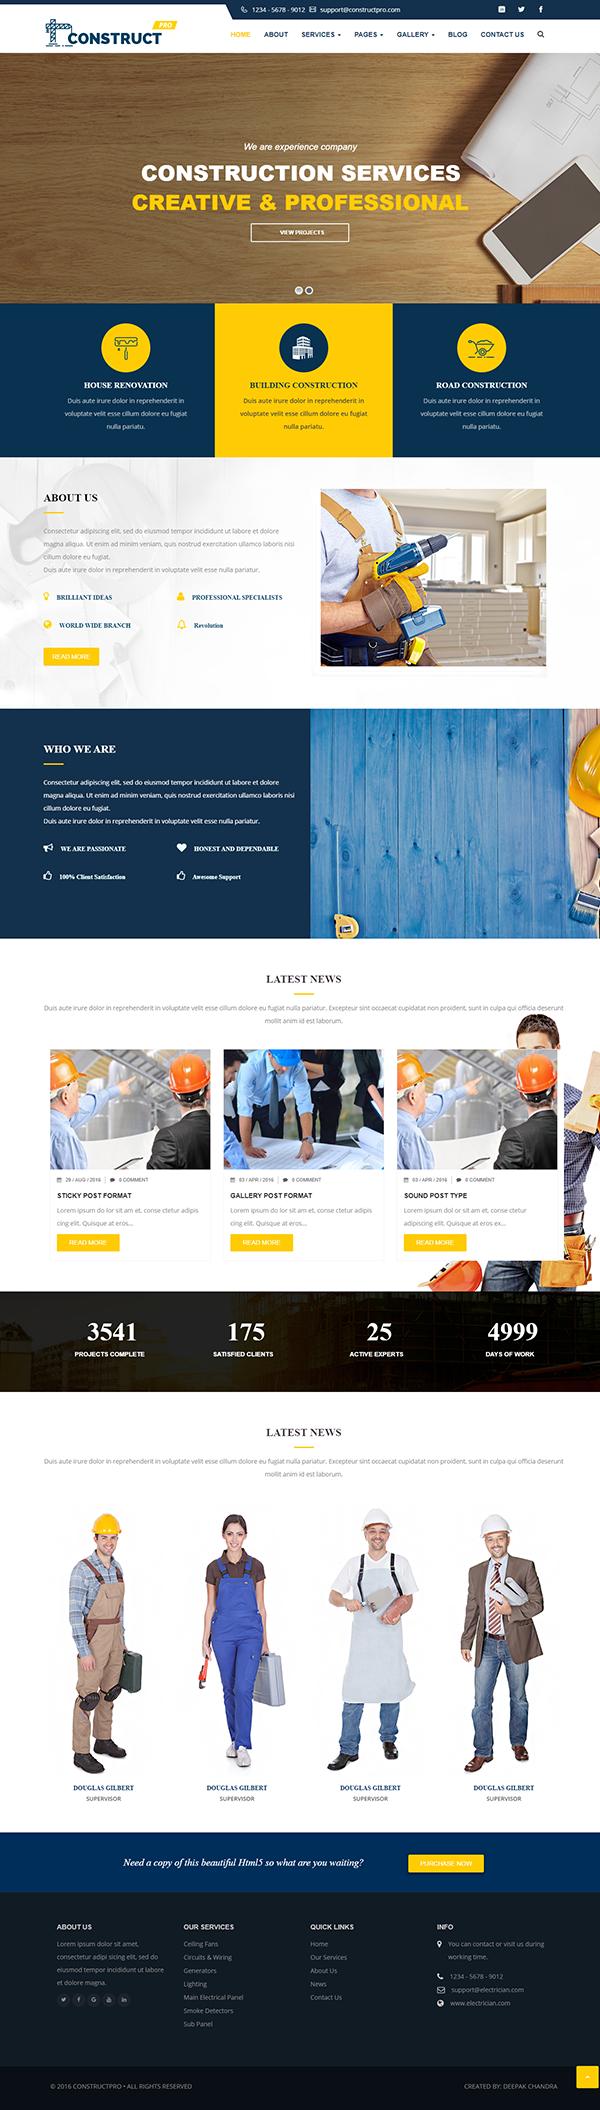 Mẫu website giới thiệu công ty xây dựng Construct Pro